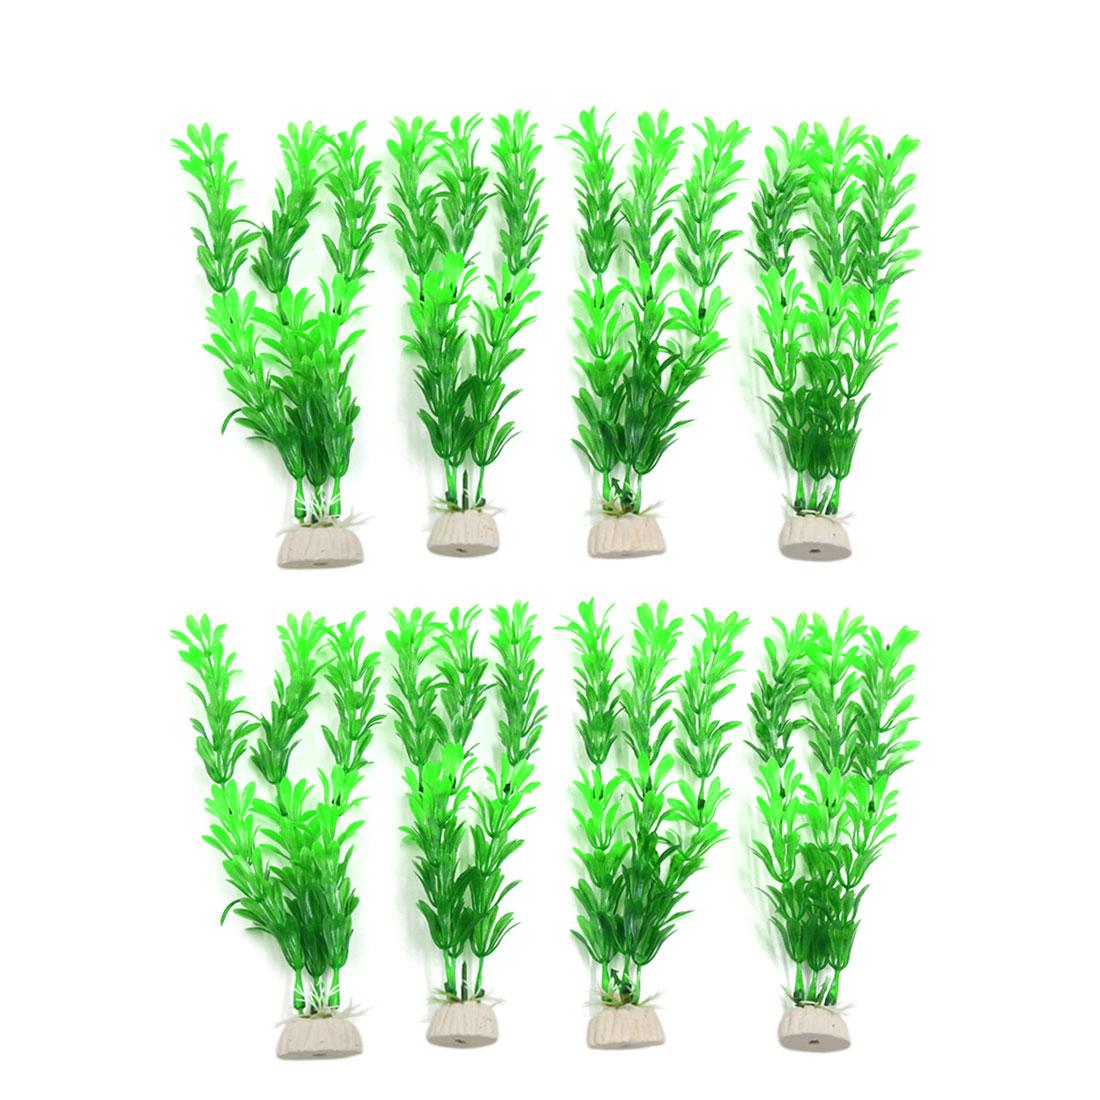 8pcs Green Plastic Aquarium Plants Fish Tank Water Plant Decoration Ornament